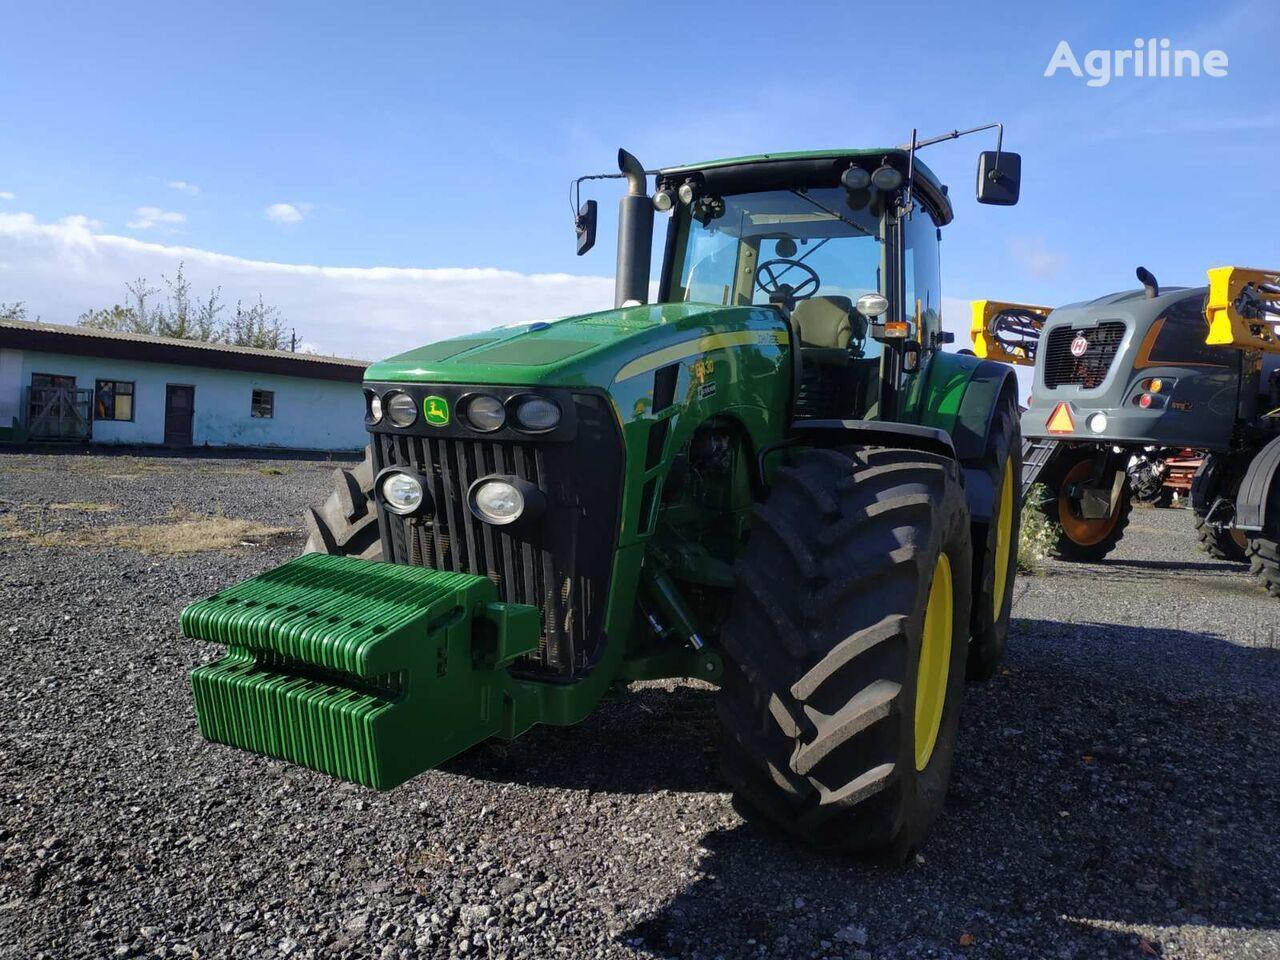 трактор колесный JOHN DEERE 8430 в наявності 2 одиниці